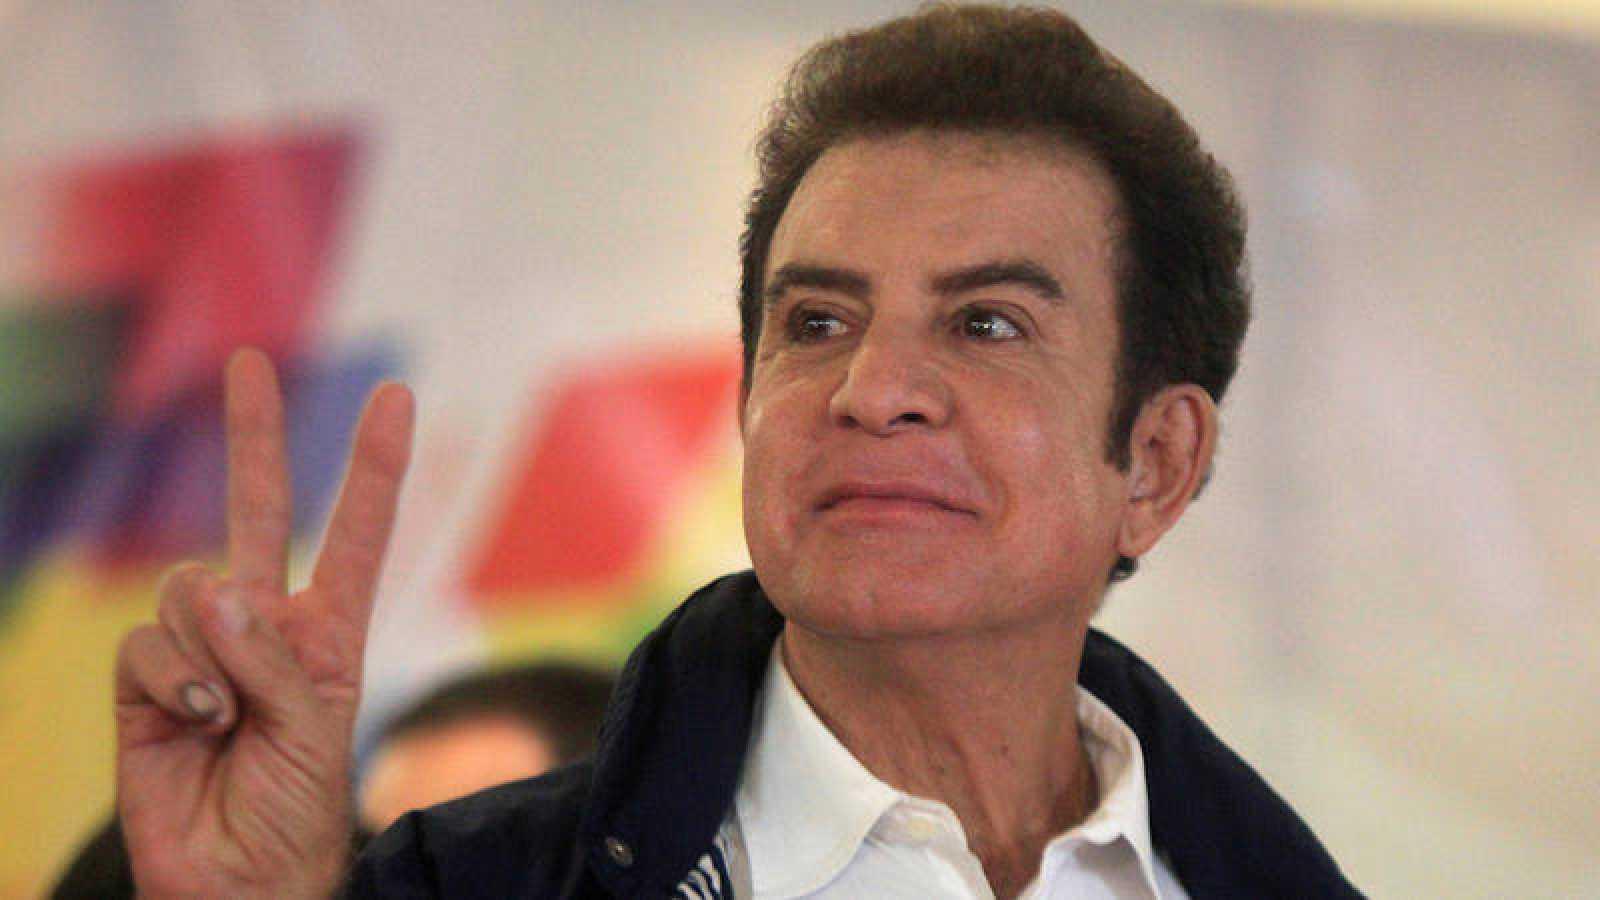 Salvador Nasralla, candidato de la Alianza Opositora contra la Dictadura para la presidencia de Honduras, hace el gesto de la victoria durante la jornada electoral